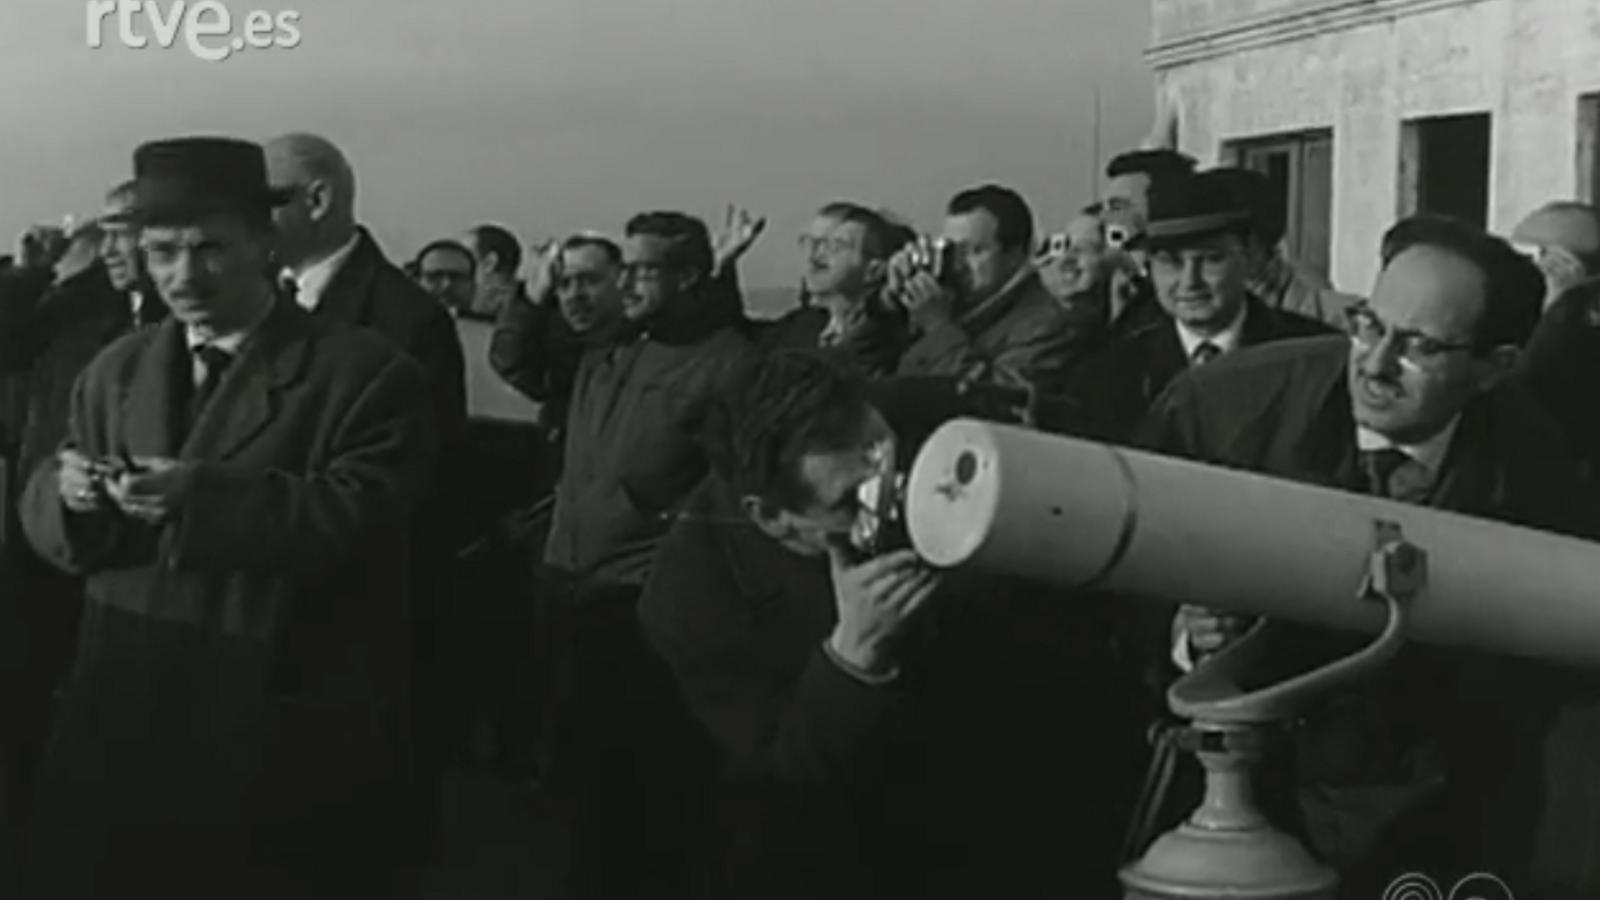 No-Do del 21 de febrer del 1961, amb un reportatge sobre l'eclipsi de Sol a Mataró